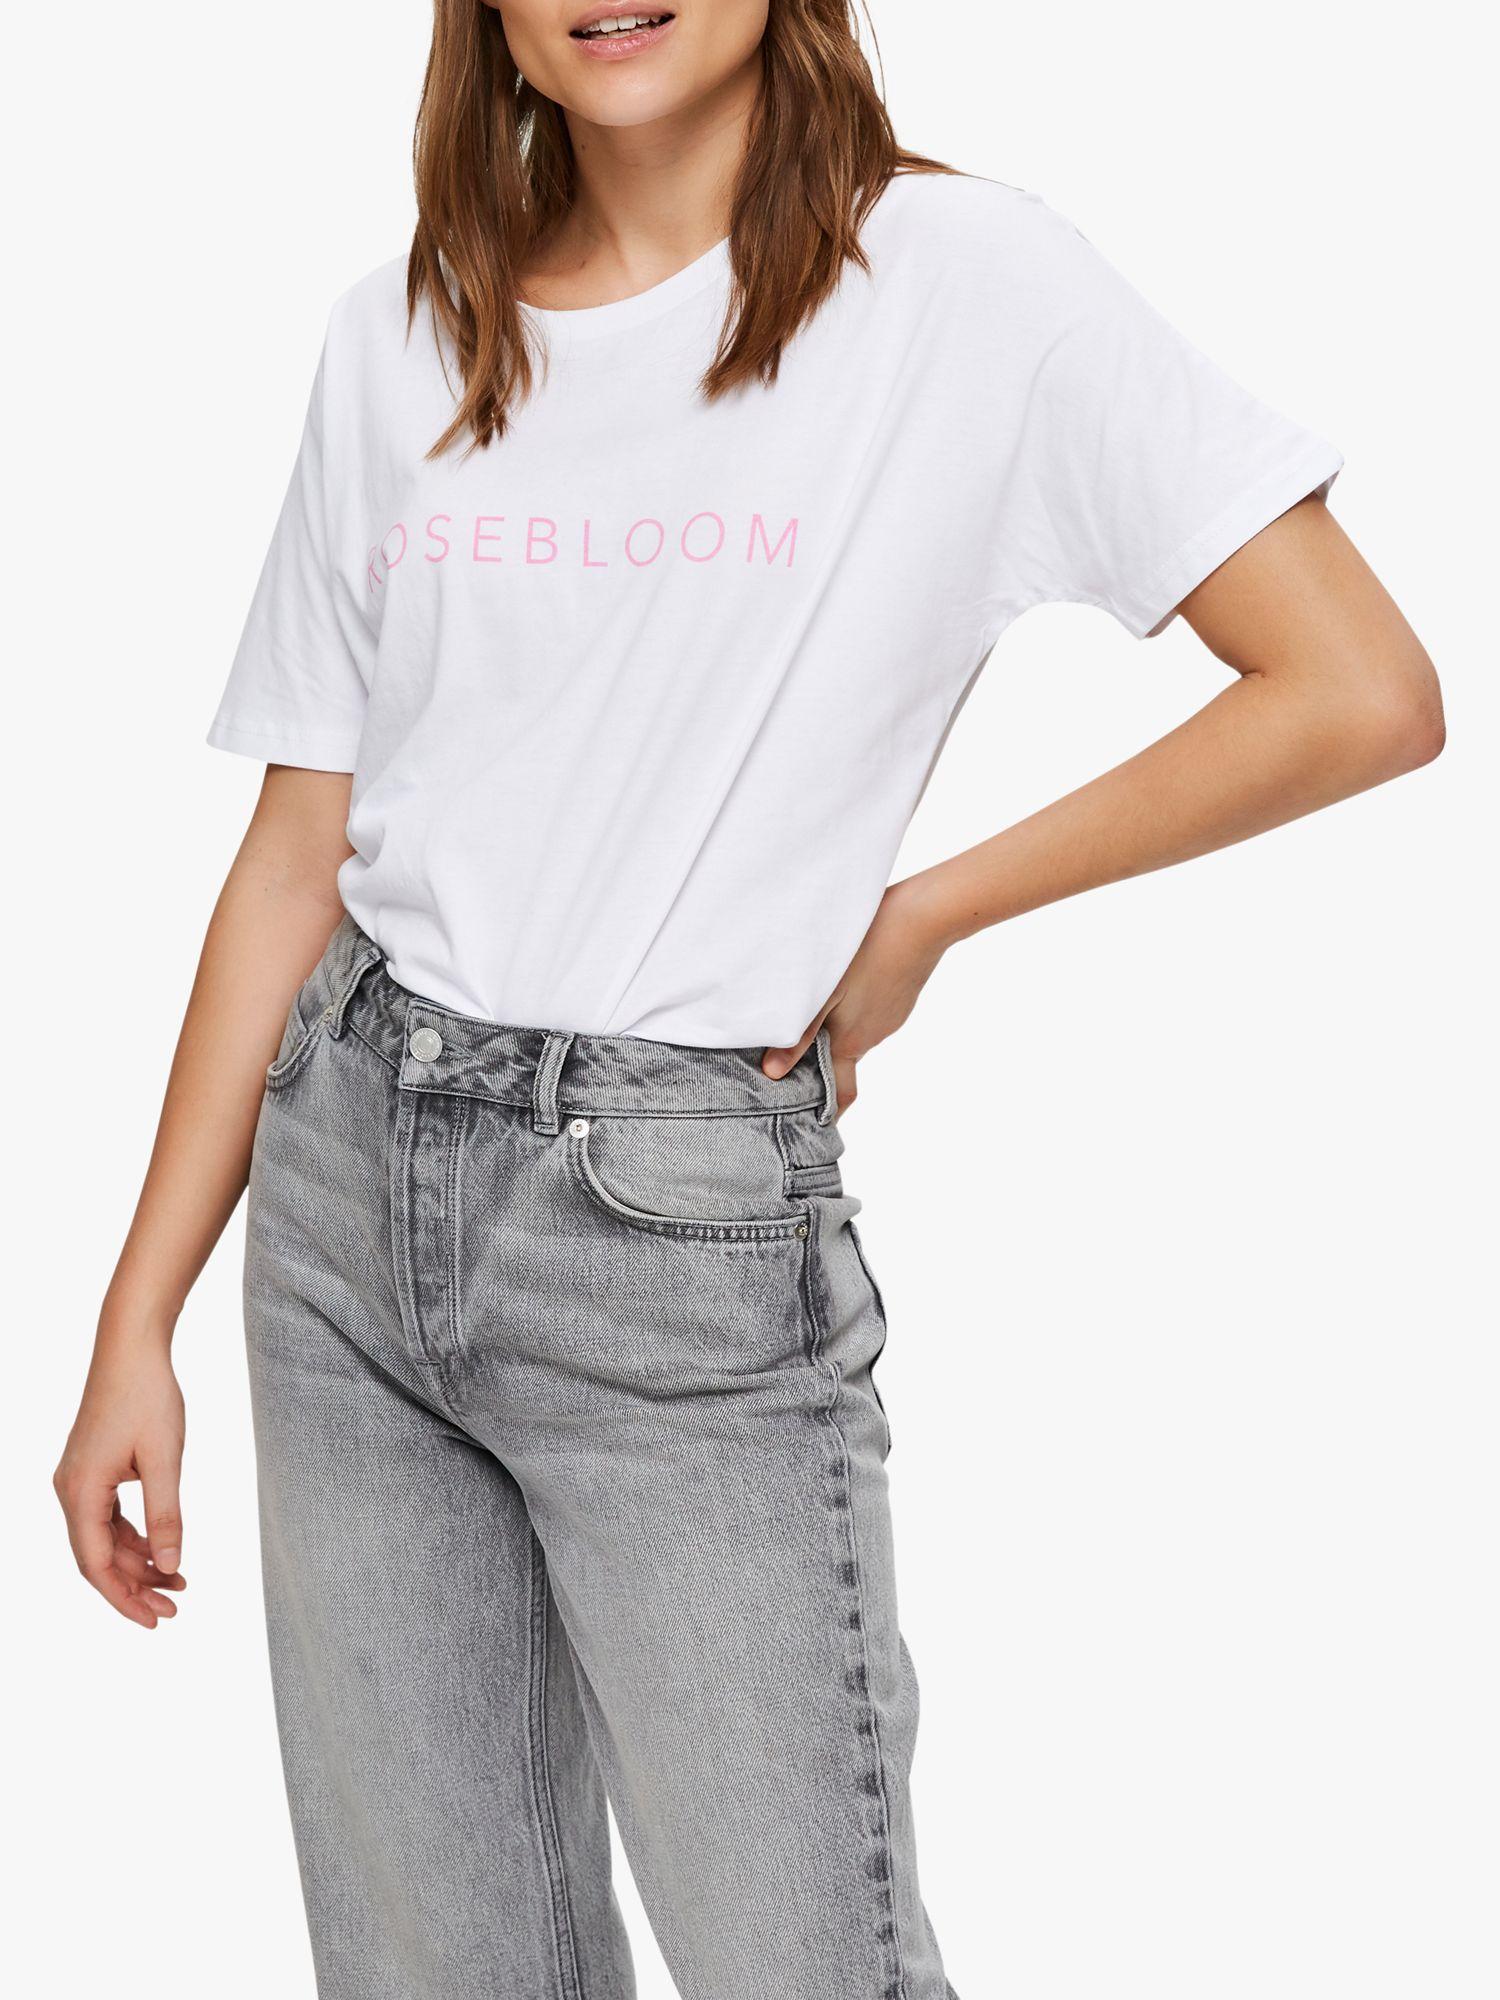 Selected Femme Selected Femme Rosebloom Cotton T-Shirt, White/Rosebloom